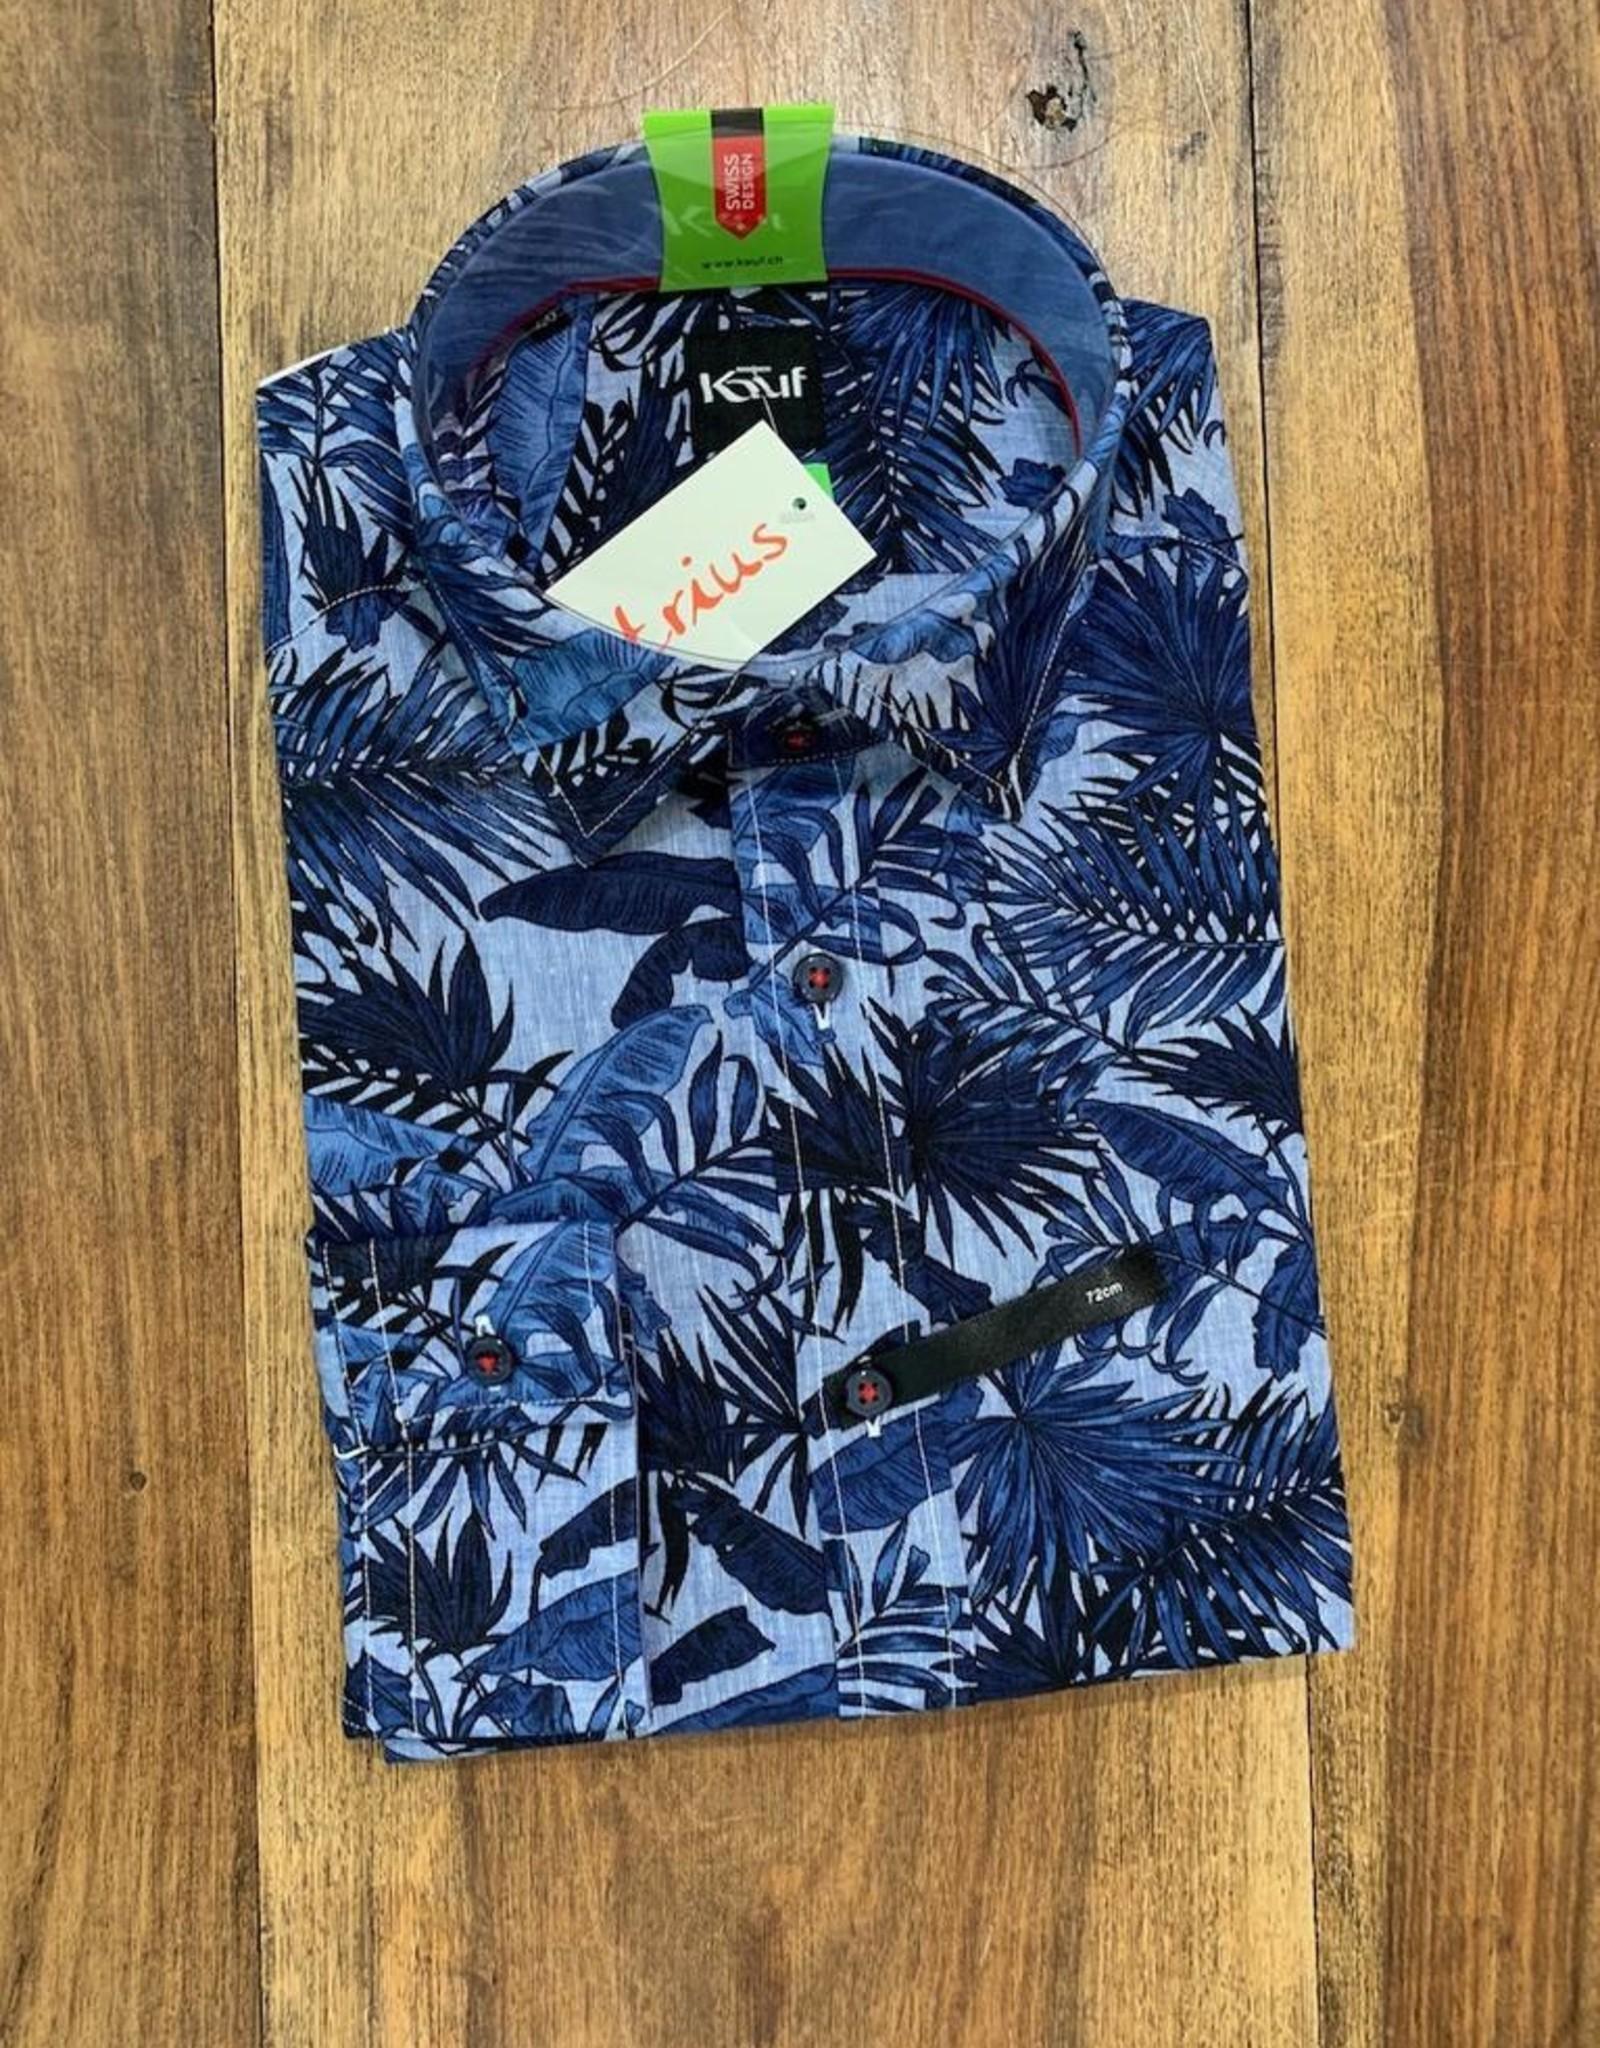 Kauf Kauf Hemd Body Fit <br /> Blaue Palmen<br /> Armlänge 72 cm